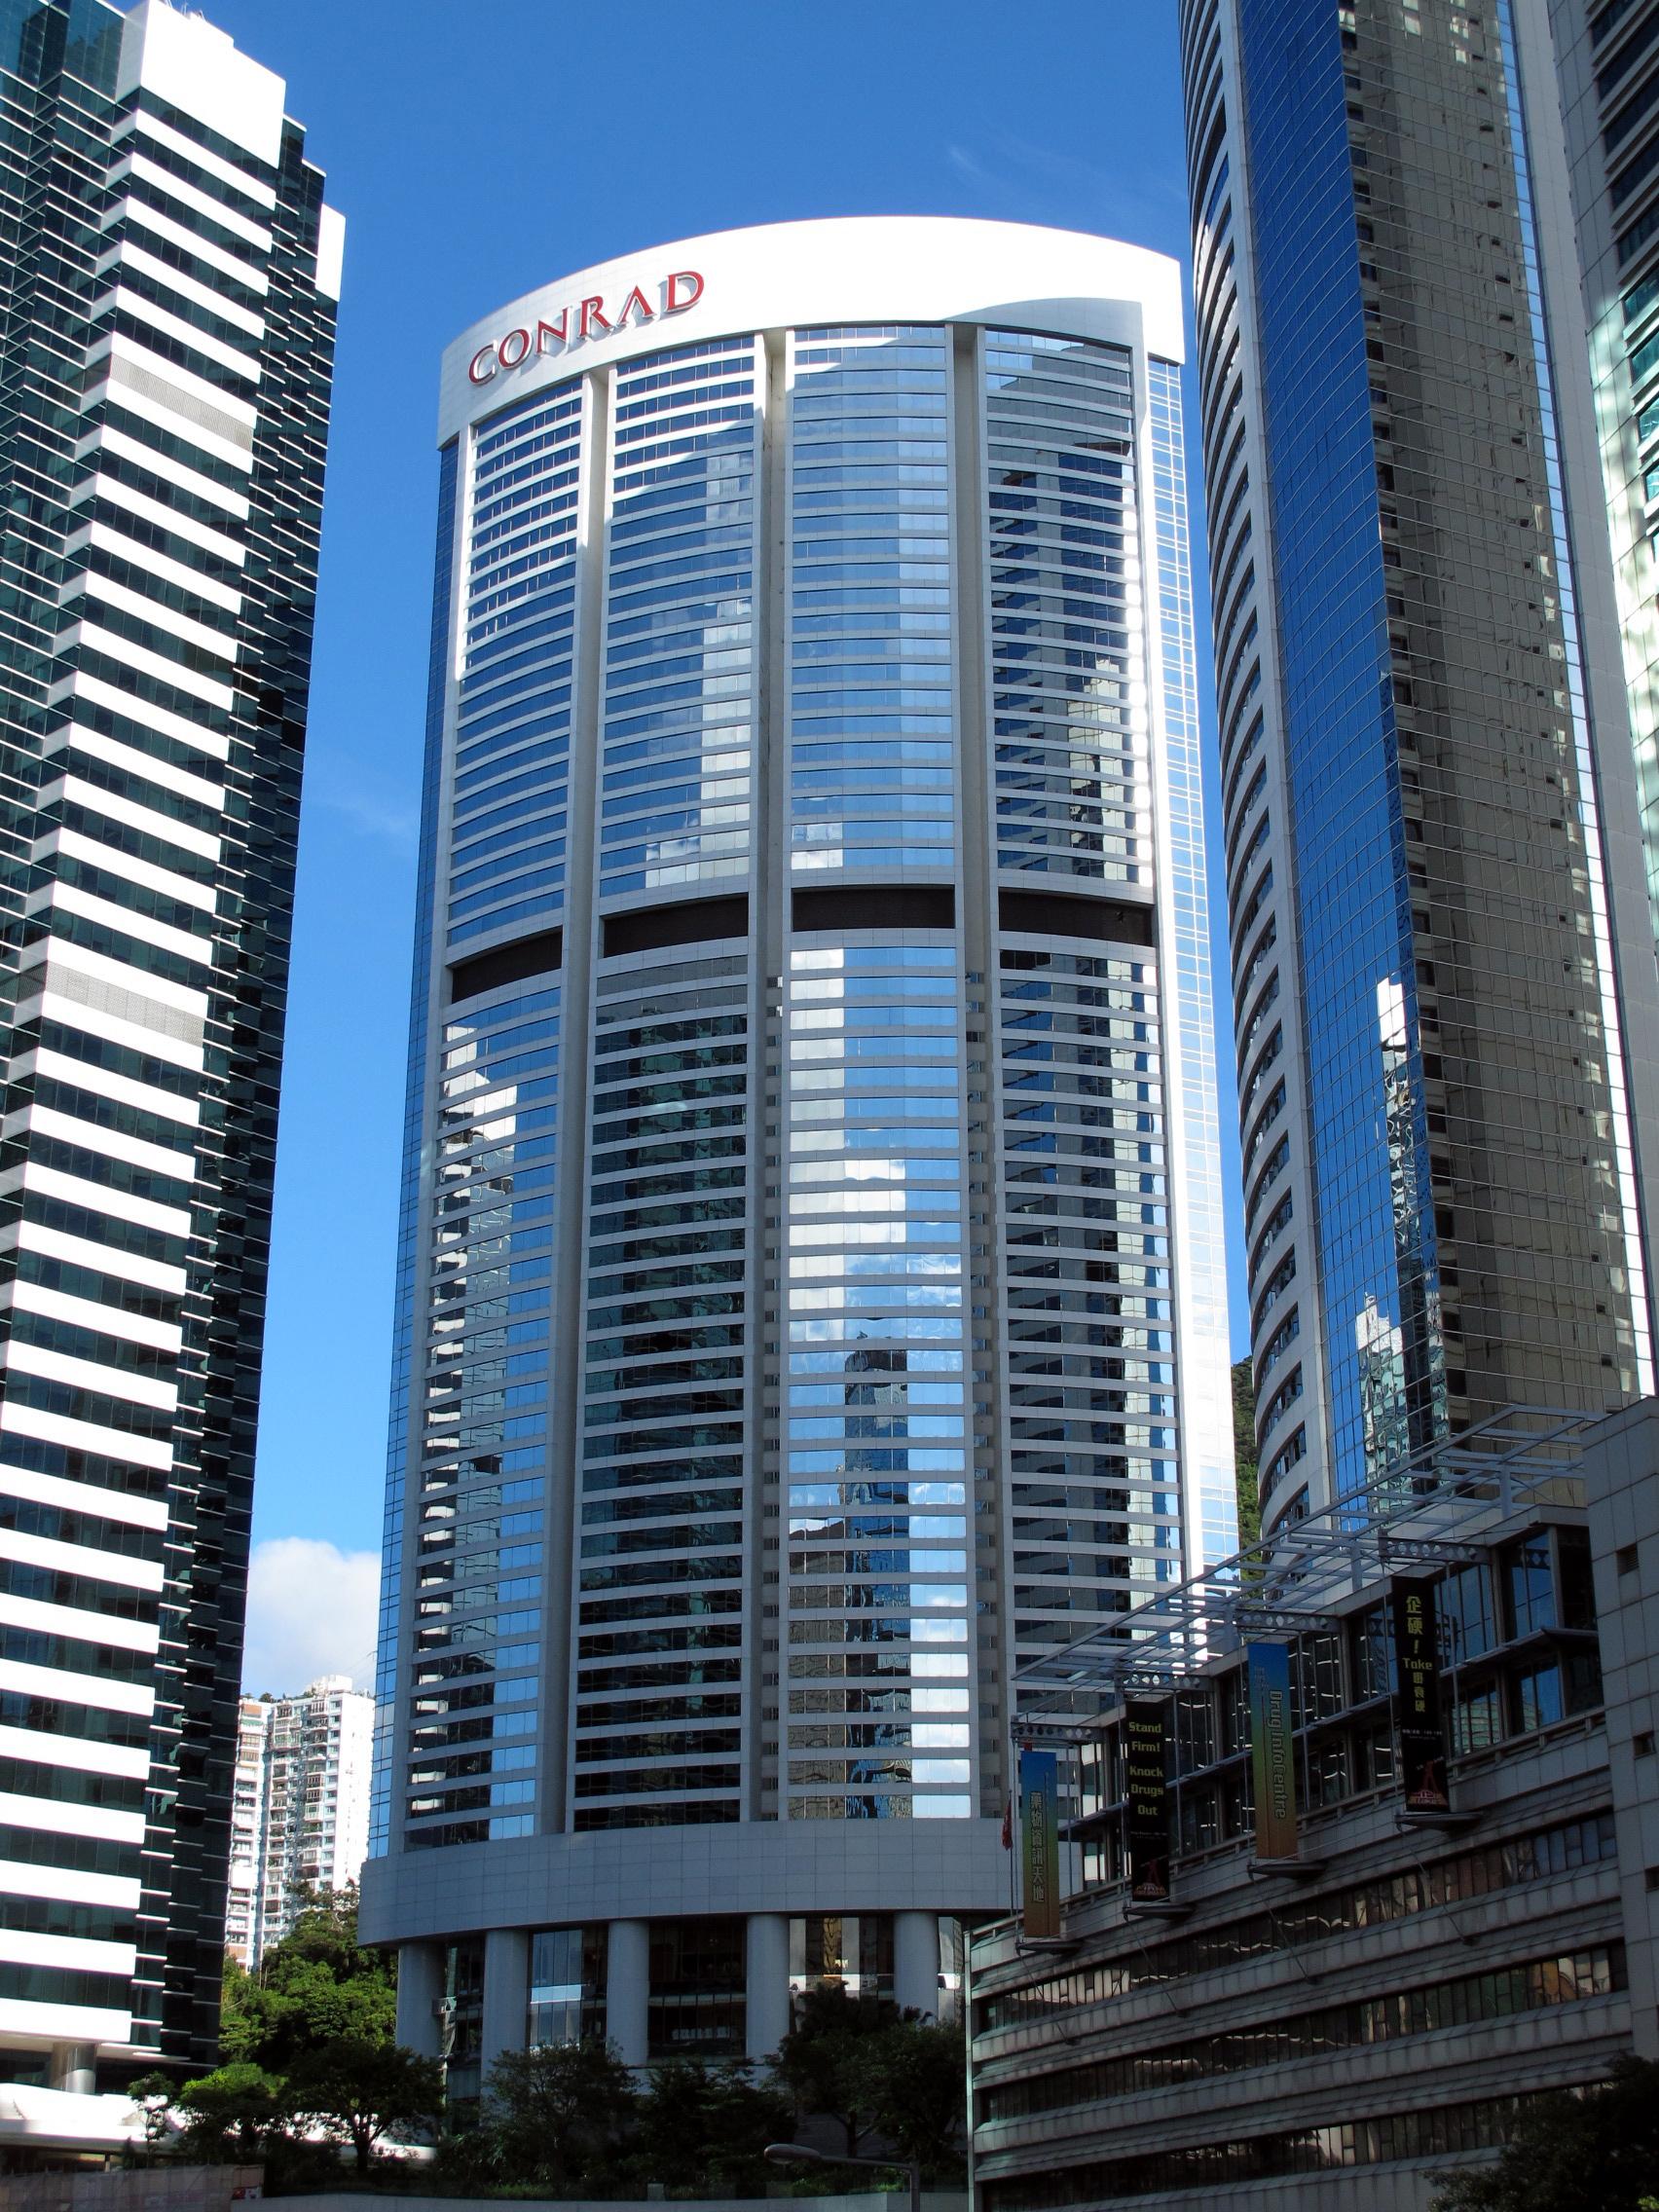 File:Conrad Hong Kong 2012.jpg - Wikimedia Commons